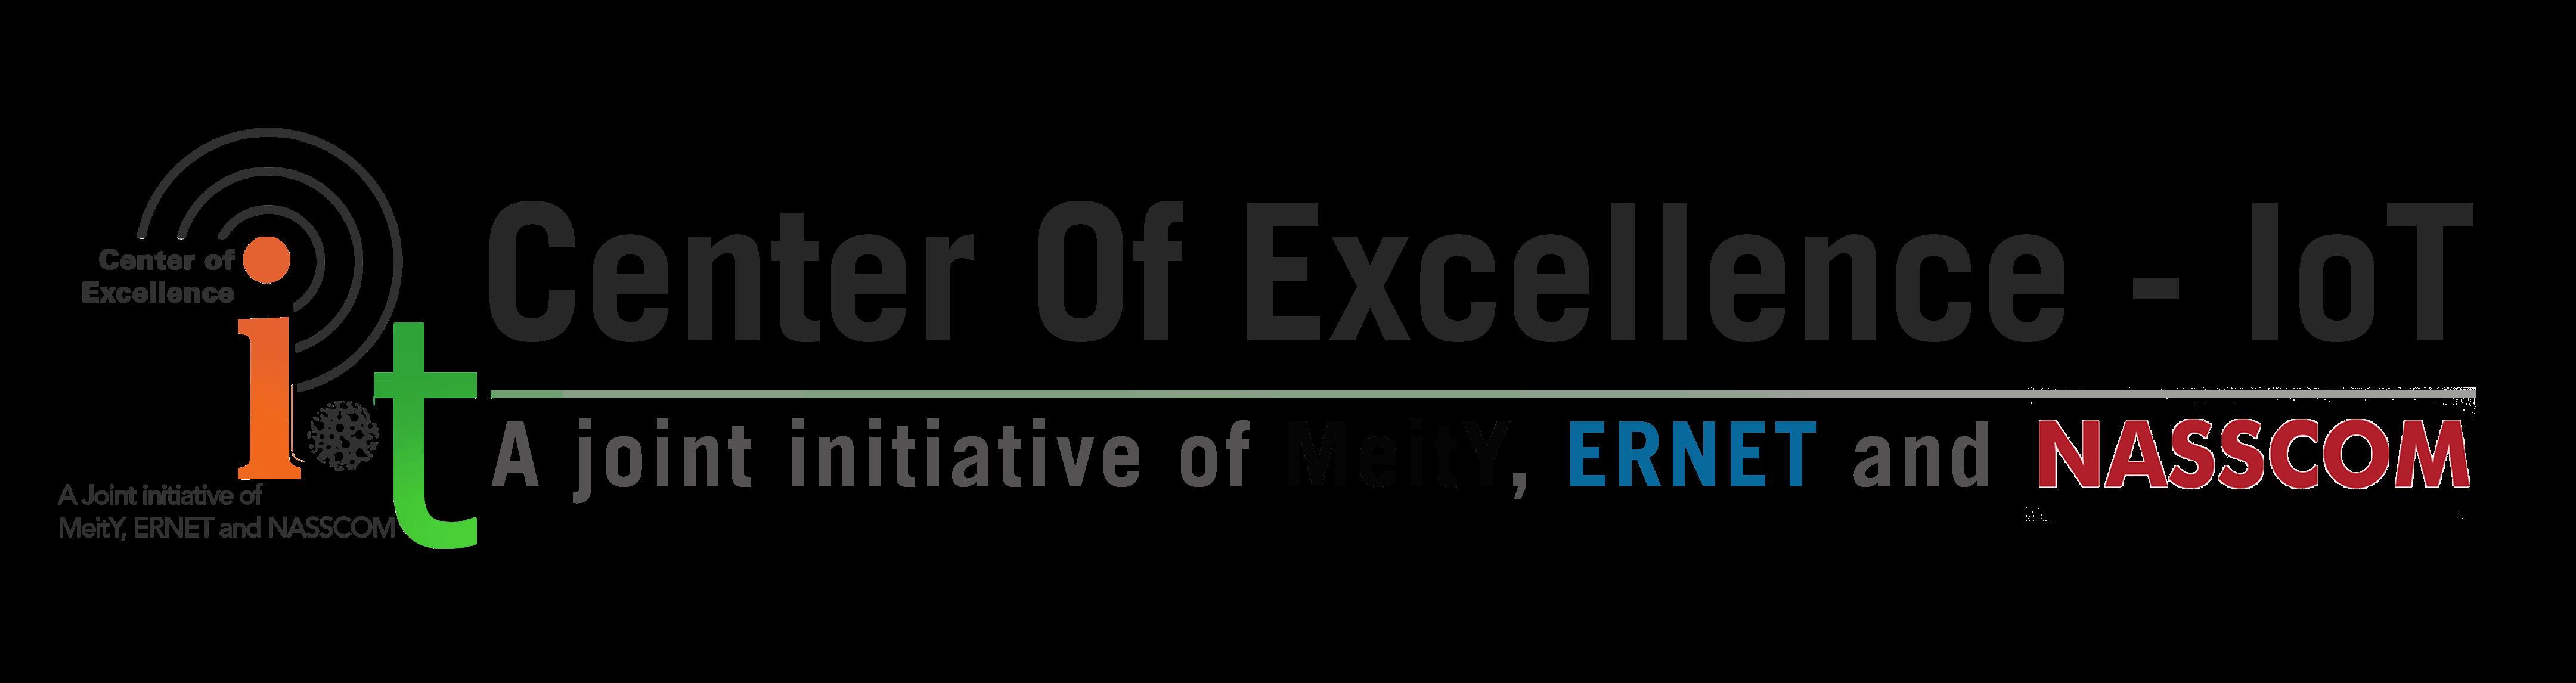 CoEIoT-NASSCOM logo-Organiser at InnoHEALTH 2018